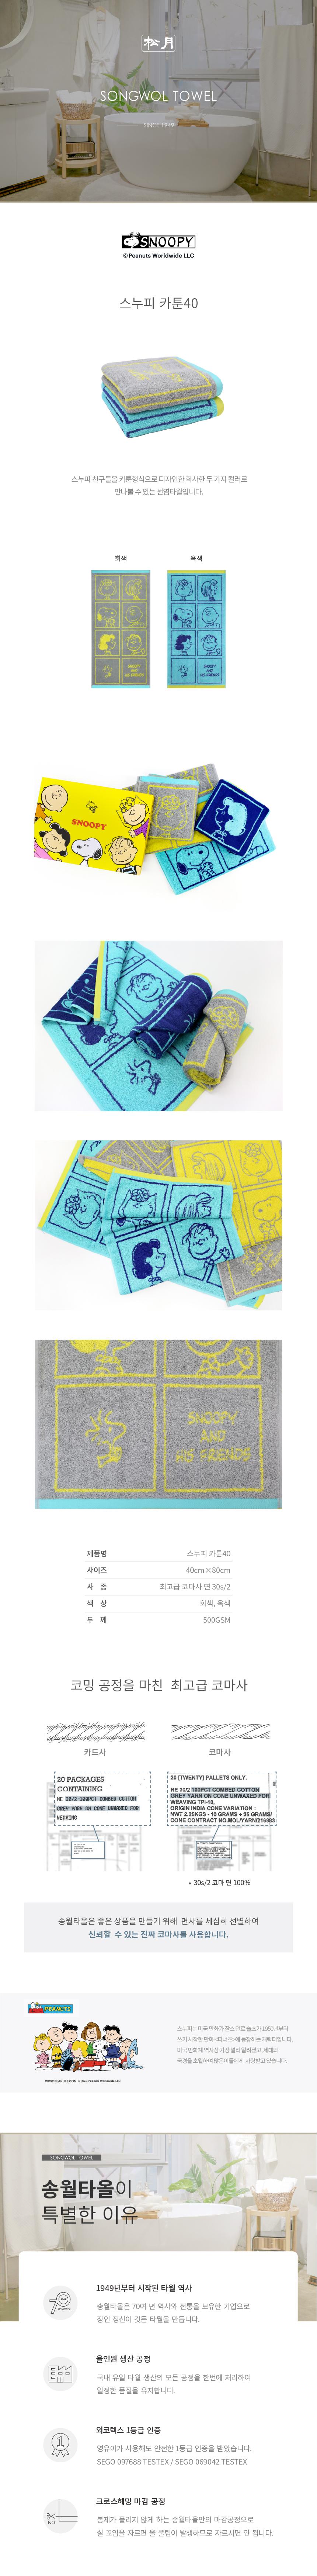 스누피 친구들을 카툰형식으로 디자인 한 화사한 두가지 컬러로 만나볼 수 있는 선염타월입니다.